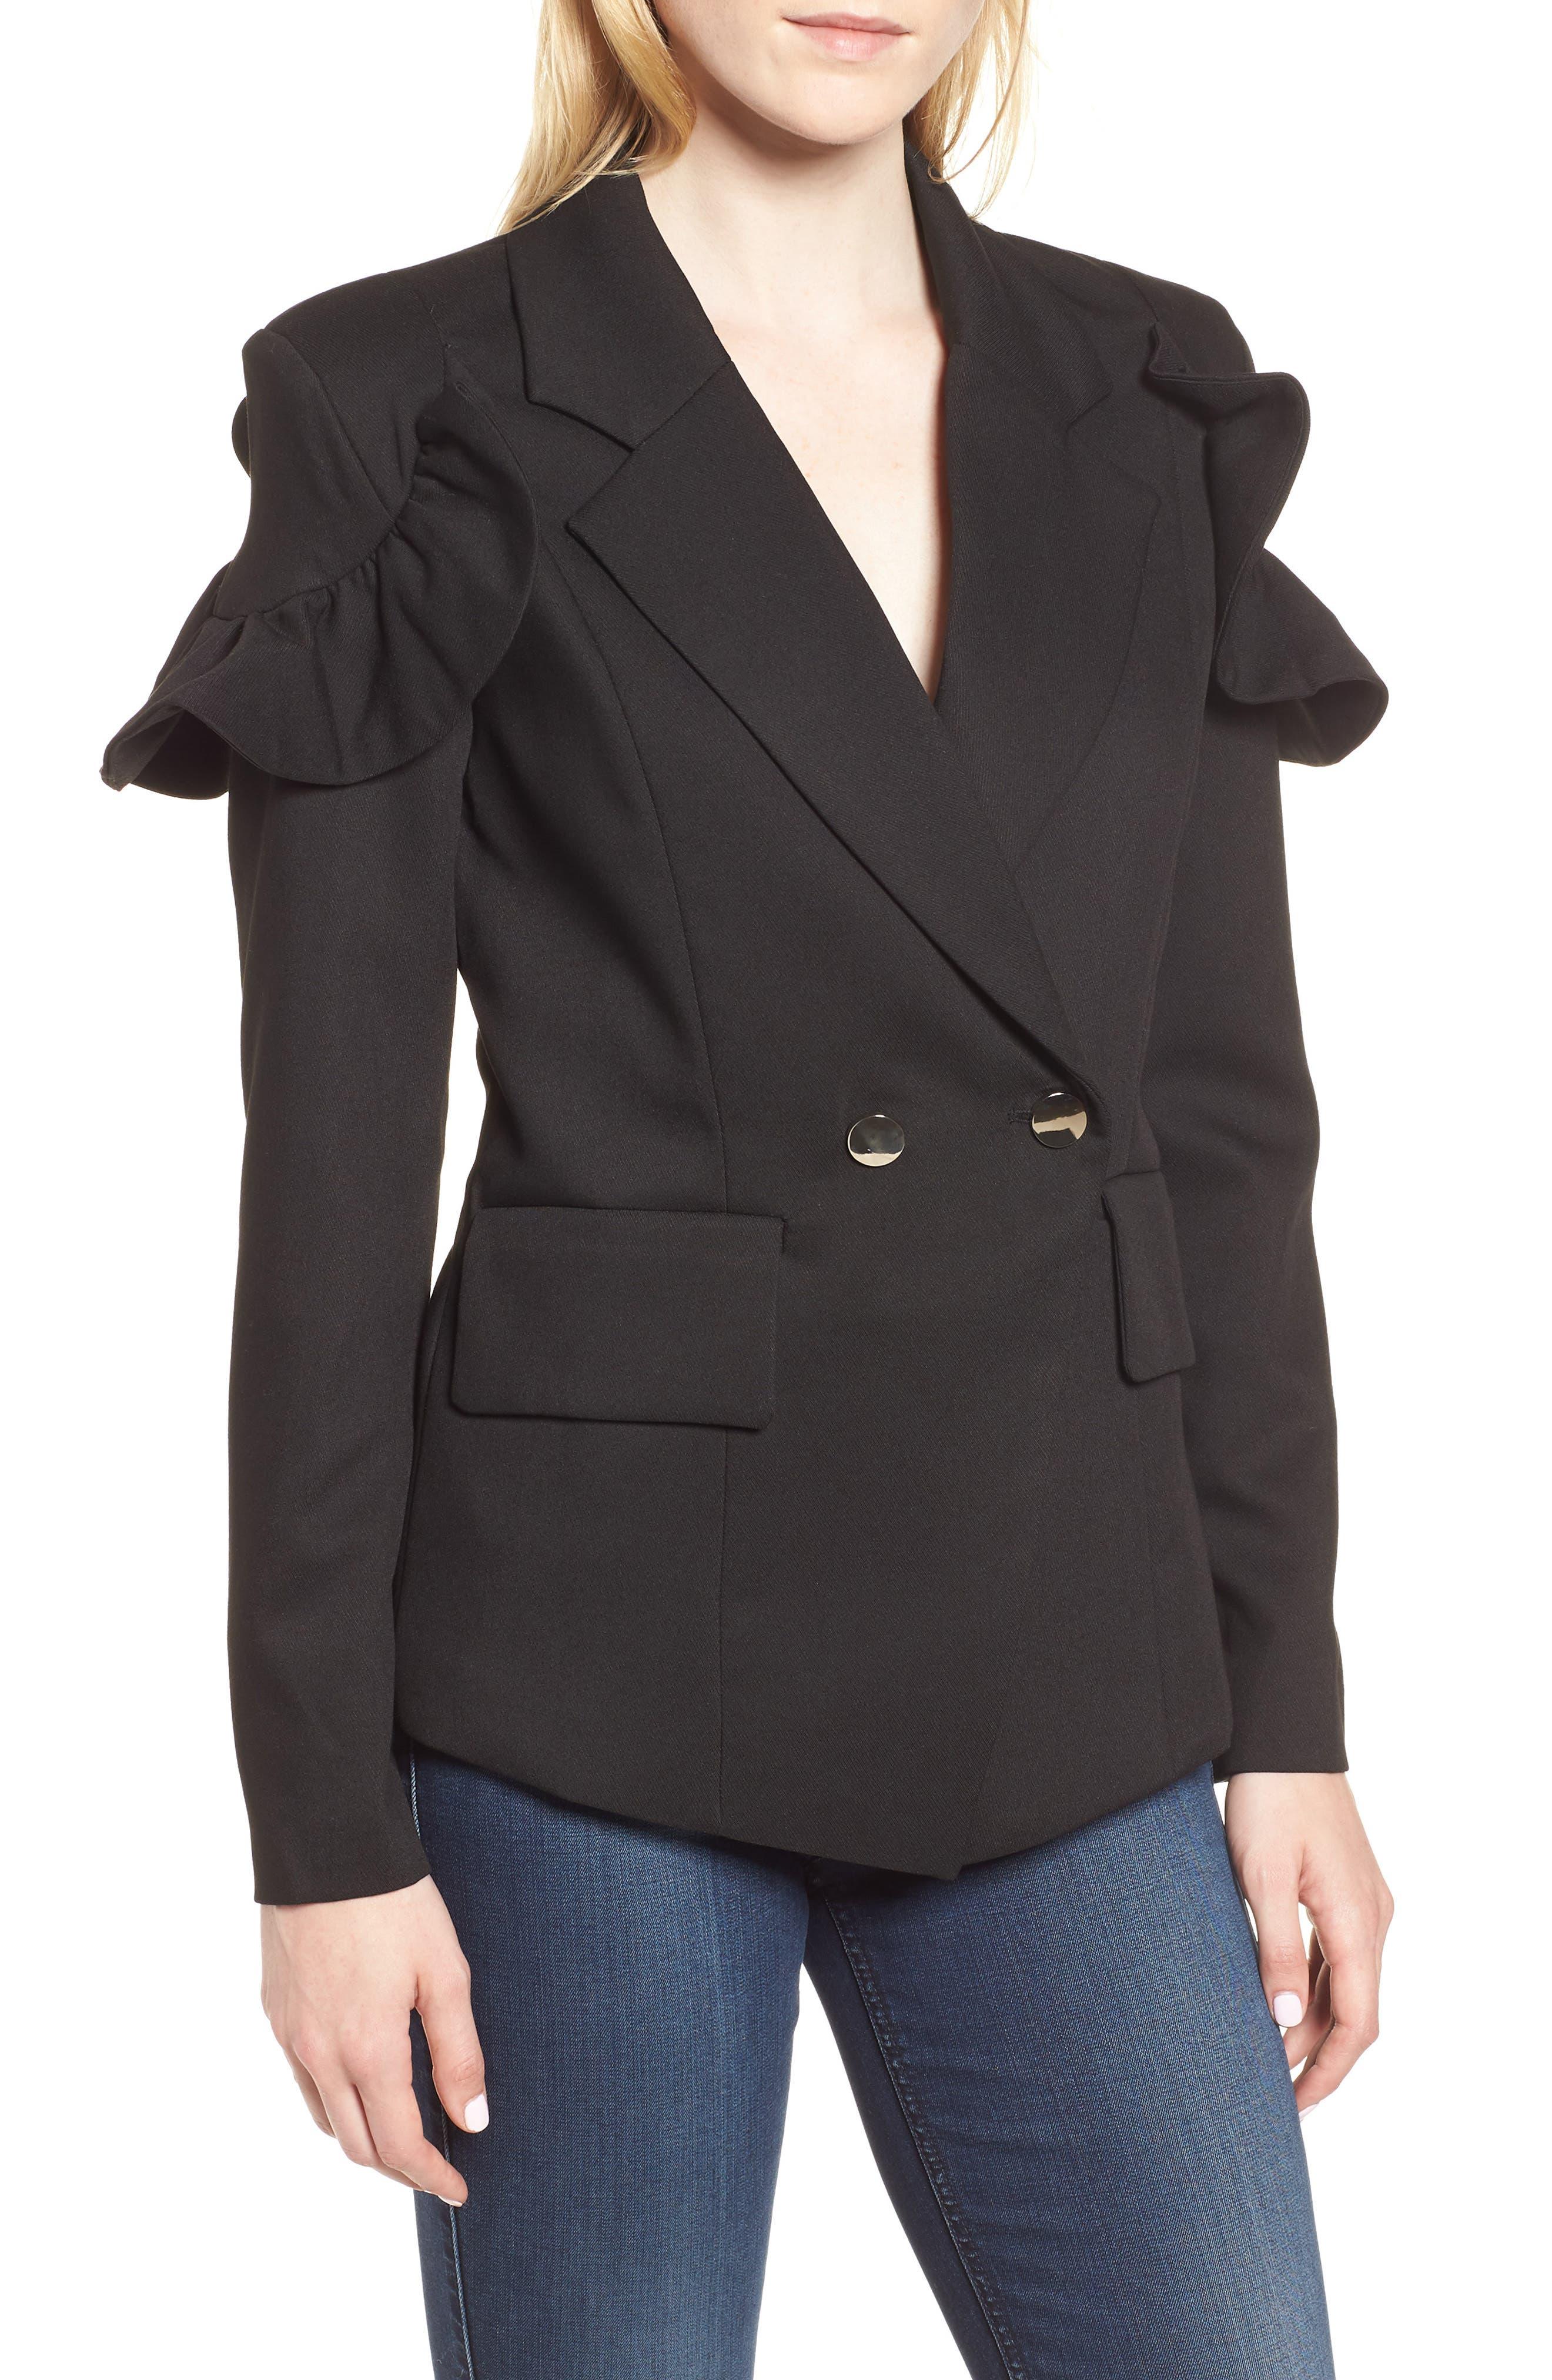 Harmony Jacket,                         Main,                         color, Black